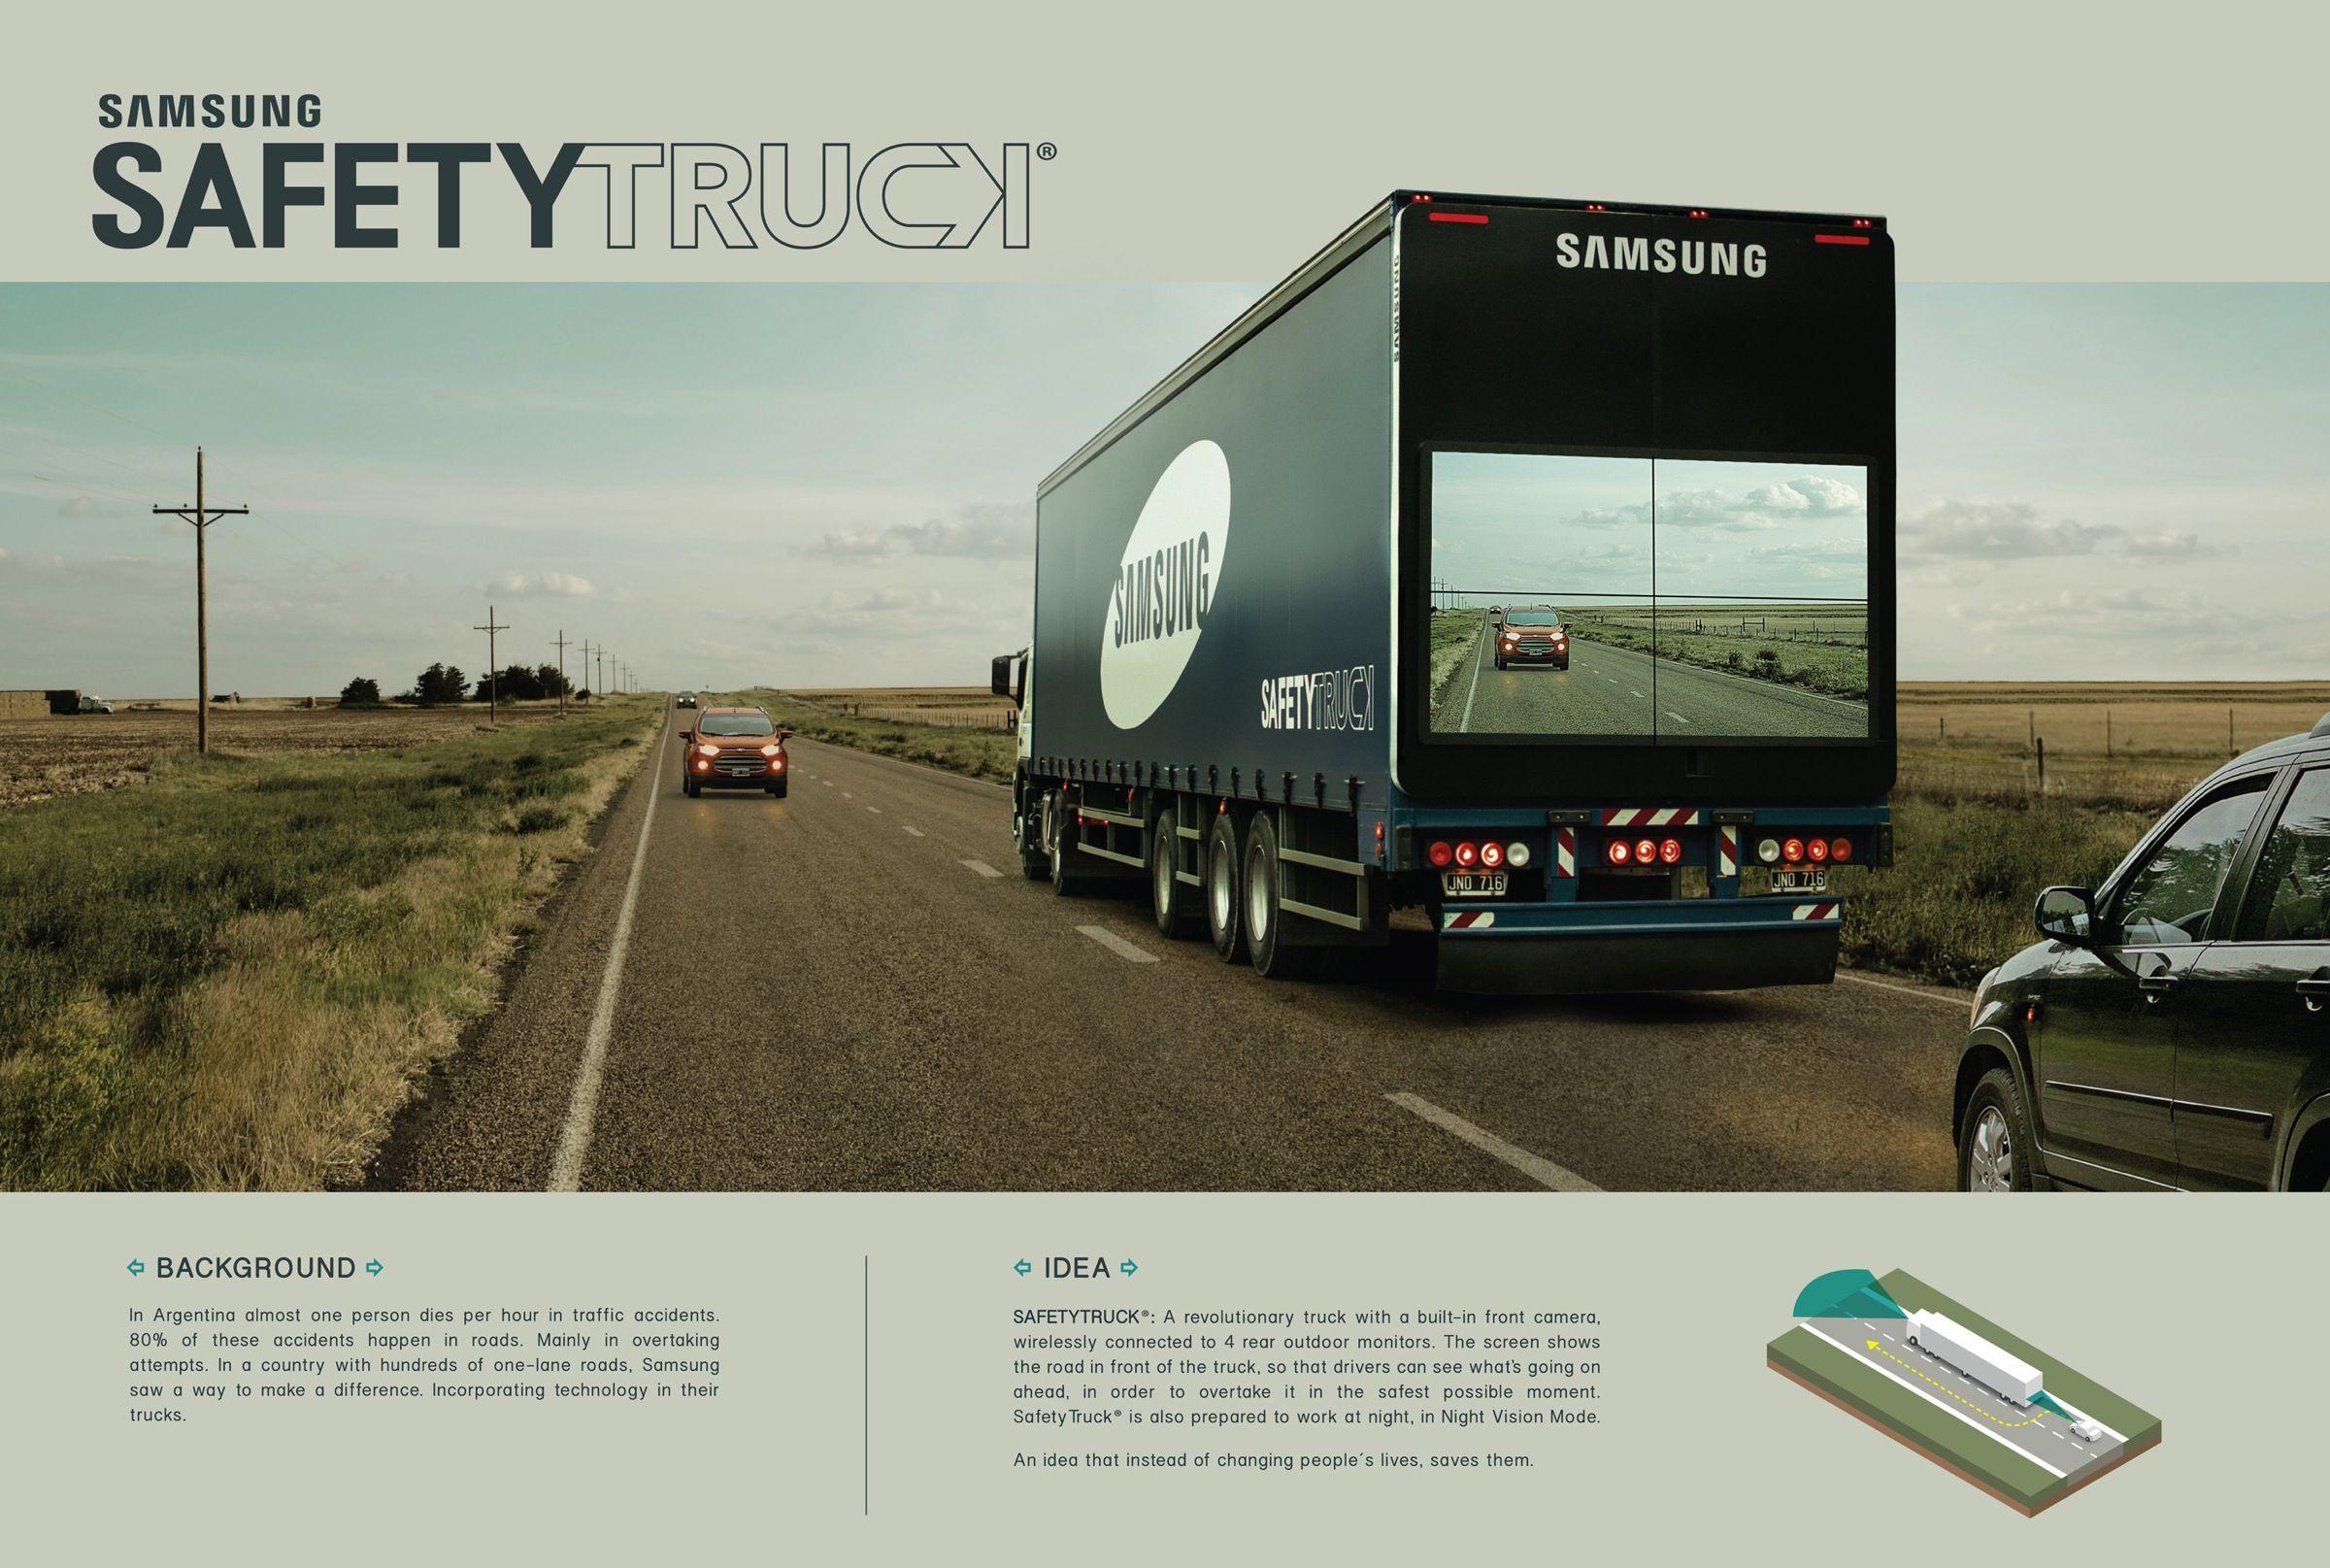 Samsung Safety truck, by Leo Argentina